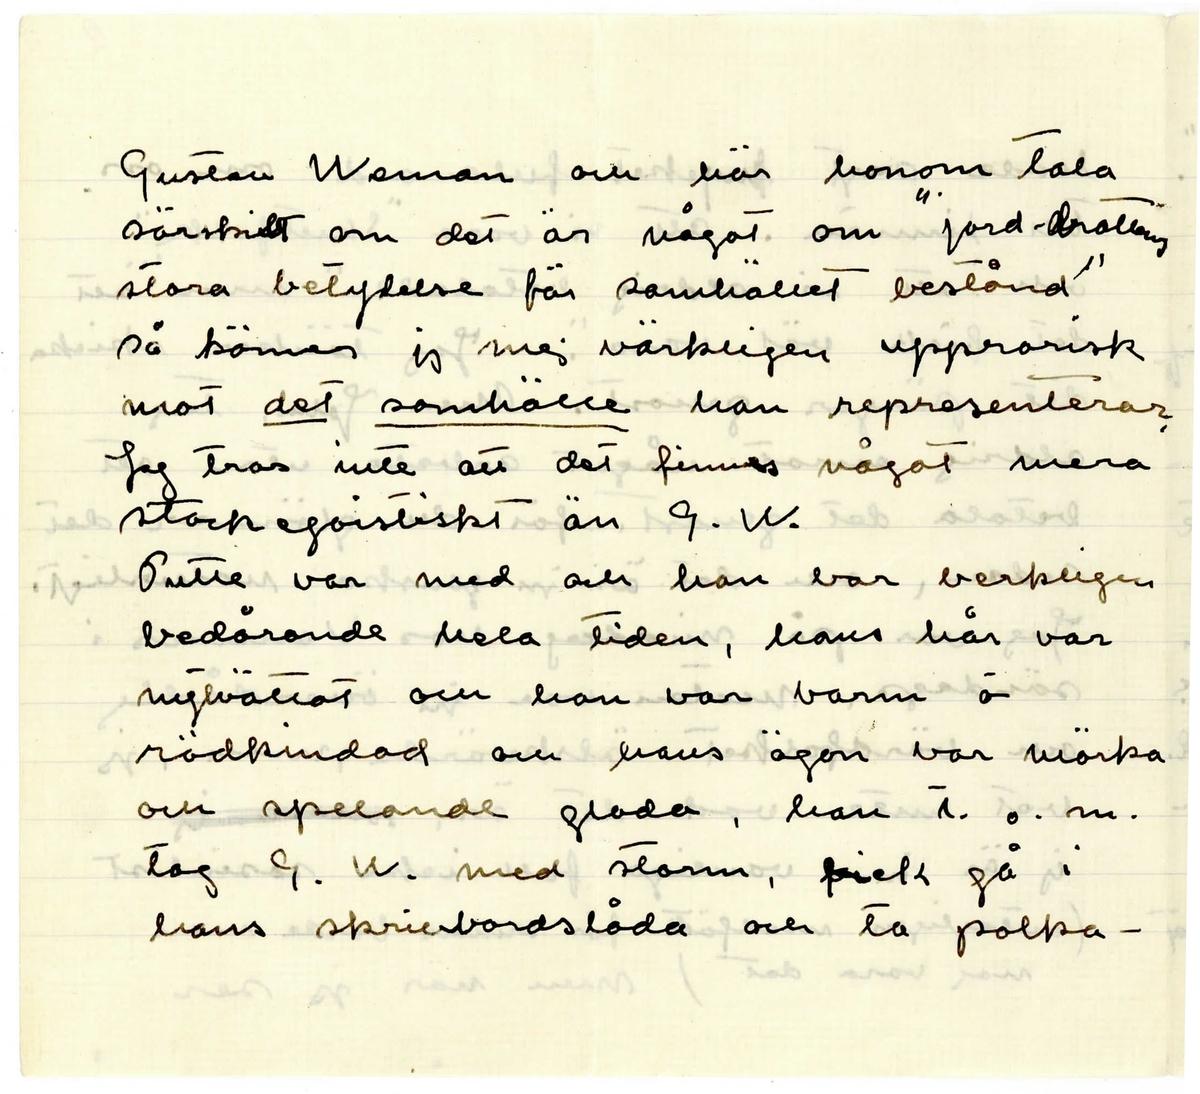 """Brev 1918-10-18 från Ester Bauer till John Bauer, bestående av åtta sidor skrivna på fram- och baksidan av två vikta pappersark. Huvudsaklig skrift handskriven med svart bläck. Sidnumreringarna är skrivna i blyerts.    . BREVAVSKRIFT: . [Sida 1] Björkudden 8.10.1918 . John. . Tack för brev. Visst har jag svarat på de frågorna å där finns ingen- ting i skåpet och varken Linnea eller jag har låst det då där aldrig funnits någon nyckel till det. Visst bör Puttes möbler vara mörka, liksom trädvirket i hans rum. Svartbrunt är väl bäst emot ljus tapet. Alldeles som du föreslog . [Sida 2] och som jag i mitt förra brev tyckte att var bra. Har du inte fått brevet som skickades i lördags? Jag ville allt bra gärna till Stockhlm. innan Mor reser. Men det blir väl inte förrän i slutet av Okt. och till dess är vi väl där uppe. Ska vi be Mor stanna hos oss? Det vill du väl inte och det vore kanske häller inte [lyck] bra, men en tid kunde hon ju alltid få va hos oss. Men Gerda behöver väl henne kan jag tro. Linnea kommer jag inte att ha kvar i vinter, hon  . [Sida 3] snattar mycket, hade ett helt upplag av våra rosenhäger äpplen i sin tillåsta garderåb. Så handskas hon ovarsamt med karbiden, håller den öppen invid ljus och vid min tillsägelse bara skrattar hon och säger att jag är """"dum"""", det har hon gjort """"många gånger förr"""" och """"det gör Johan alltid"""". Så har jag fått veta att hon haft ute våra silverskedar och kaffekoppar om nätterna i somras då de druckit  kaffe på öarna. En så opålitlig mänska kan vi inte ha i huset. Hon har också sagt till skomakarns . [Sida 4] att """"resan upp ska hon ha"""", sen' så tänker hon gå sin väg, och väl vore det. Hon har också talat om att hon rymt hemifrån och rest till Stockhlm. Jo, hon är tydligen en skön juvel, som jag egentligen alltid haft en känsla av. Jag hade inte tänkt att skriva detta till dej, men nu får det väl stå där. Jag tänker skriva till Dory, kanske hon vill komma till Djursholm, eller någon av hennes systrar. Är du skyldig Ivan för ve"""